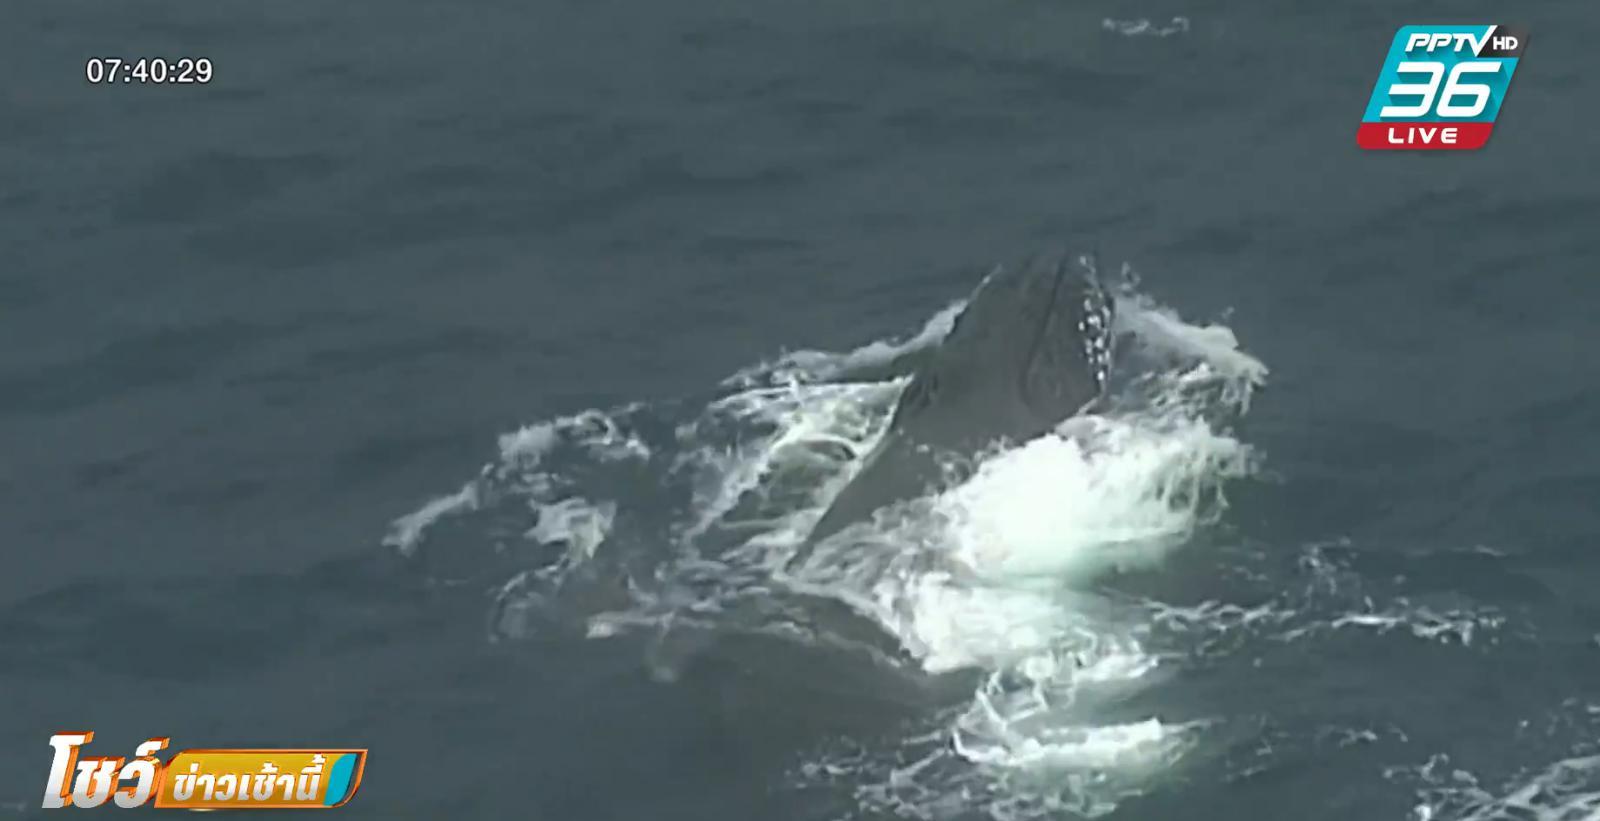 ออสเตรเลีย ช่วยวาฬติดตาข่ายป้องกันฉลาม